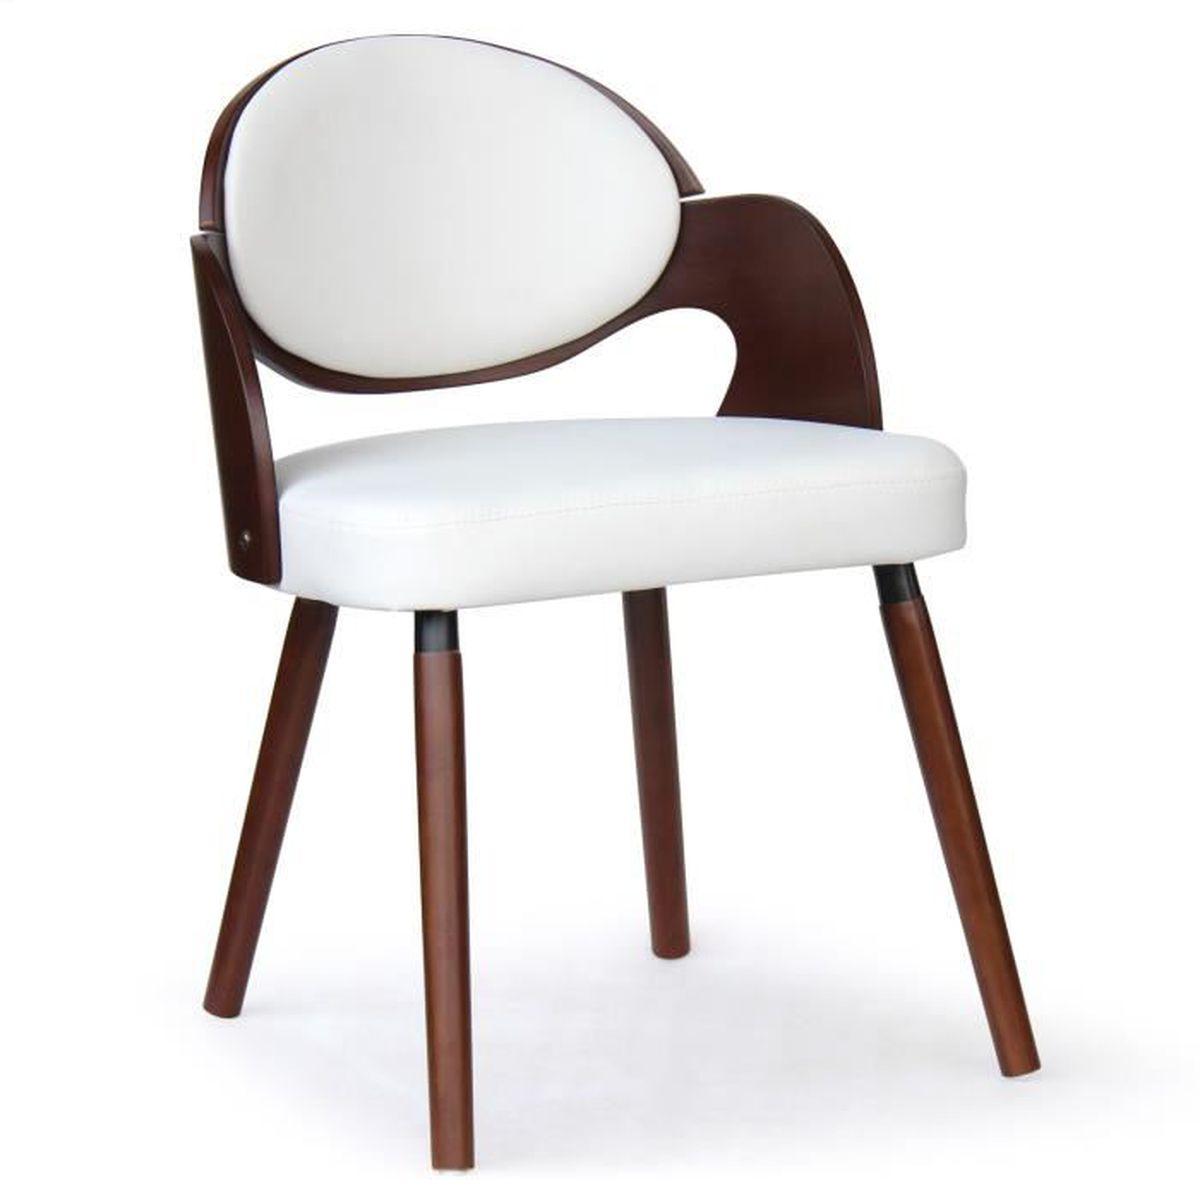 Chaise scandinave esther bois noisette et blanc achat for Chaise bois et blanc